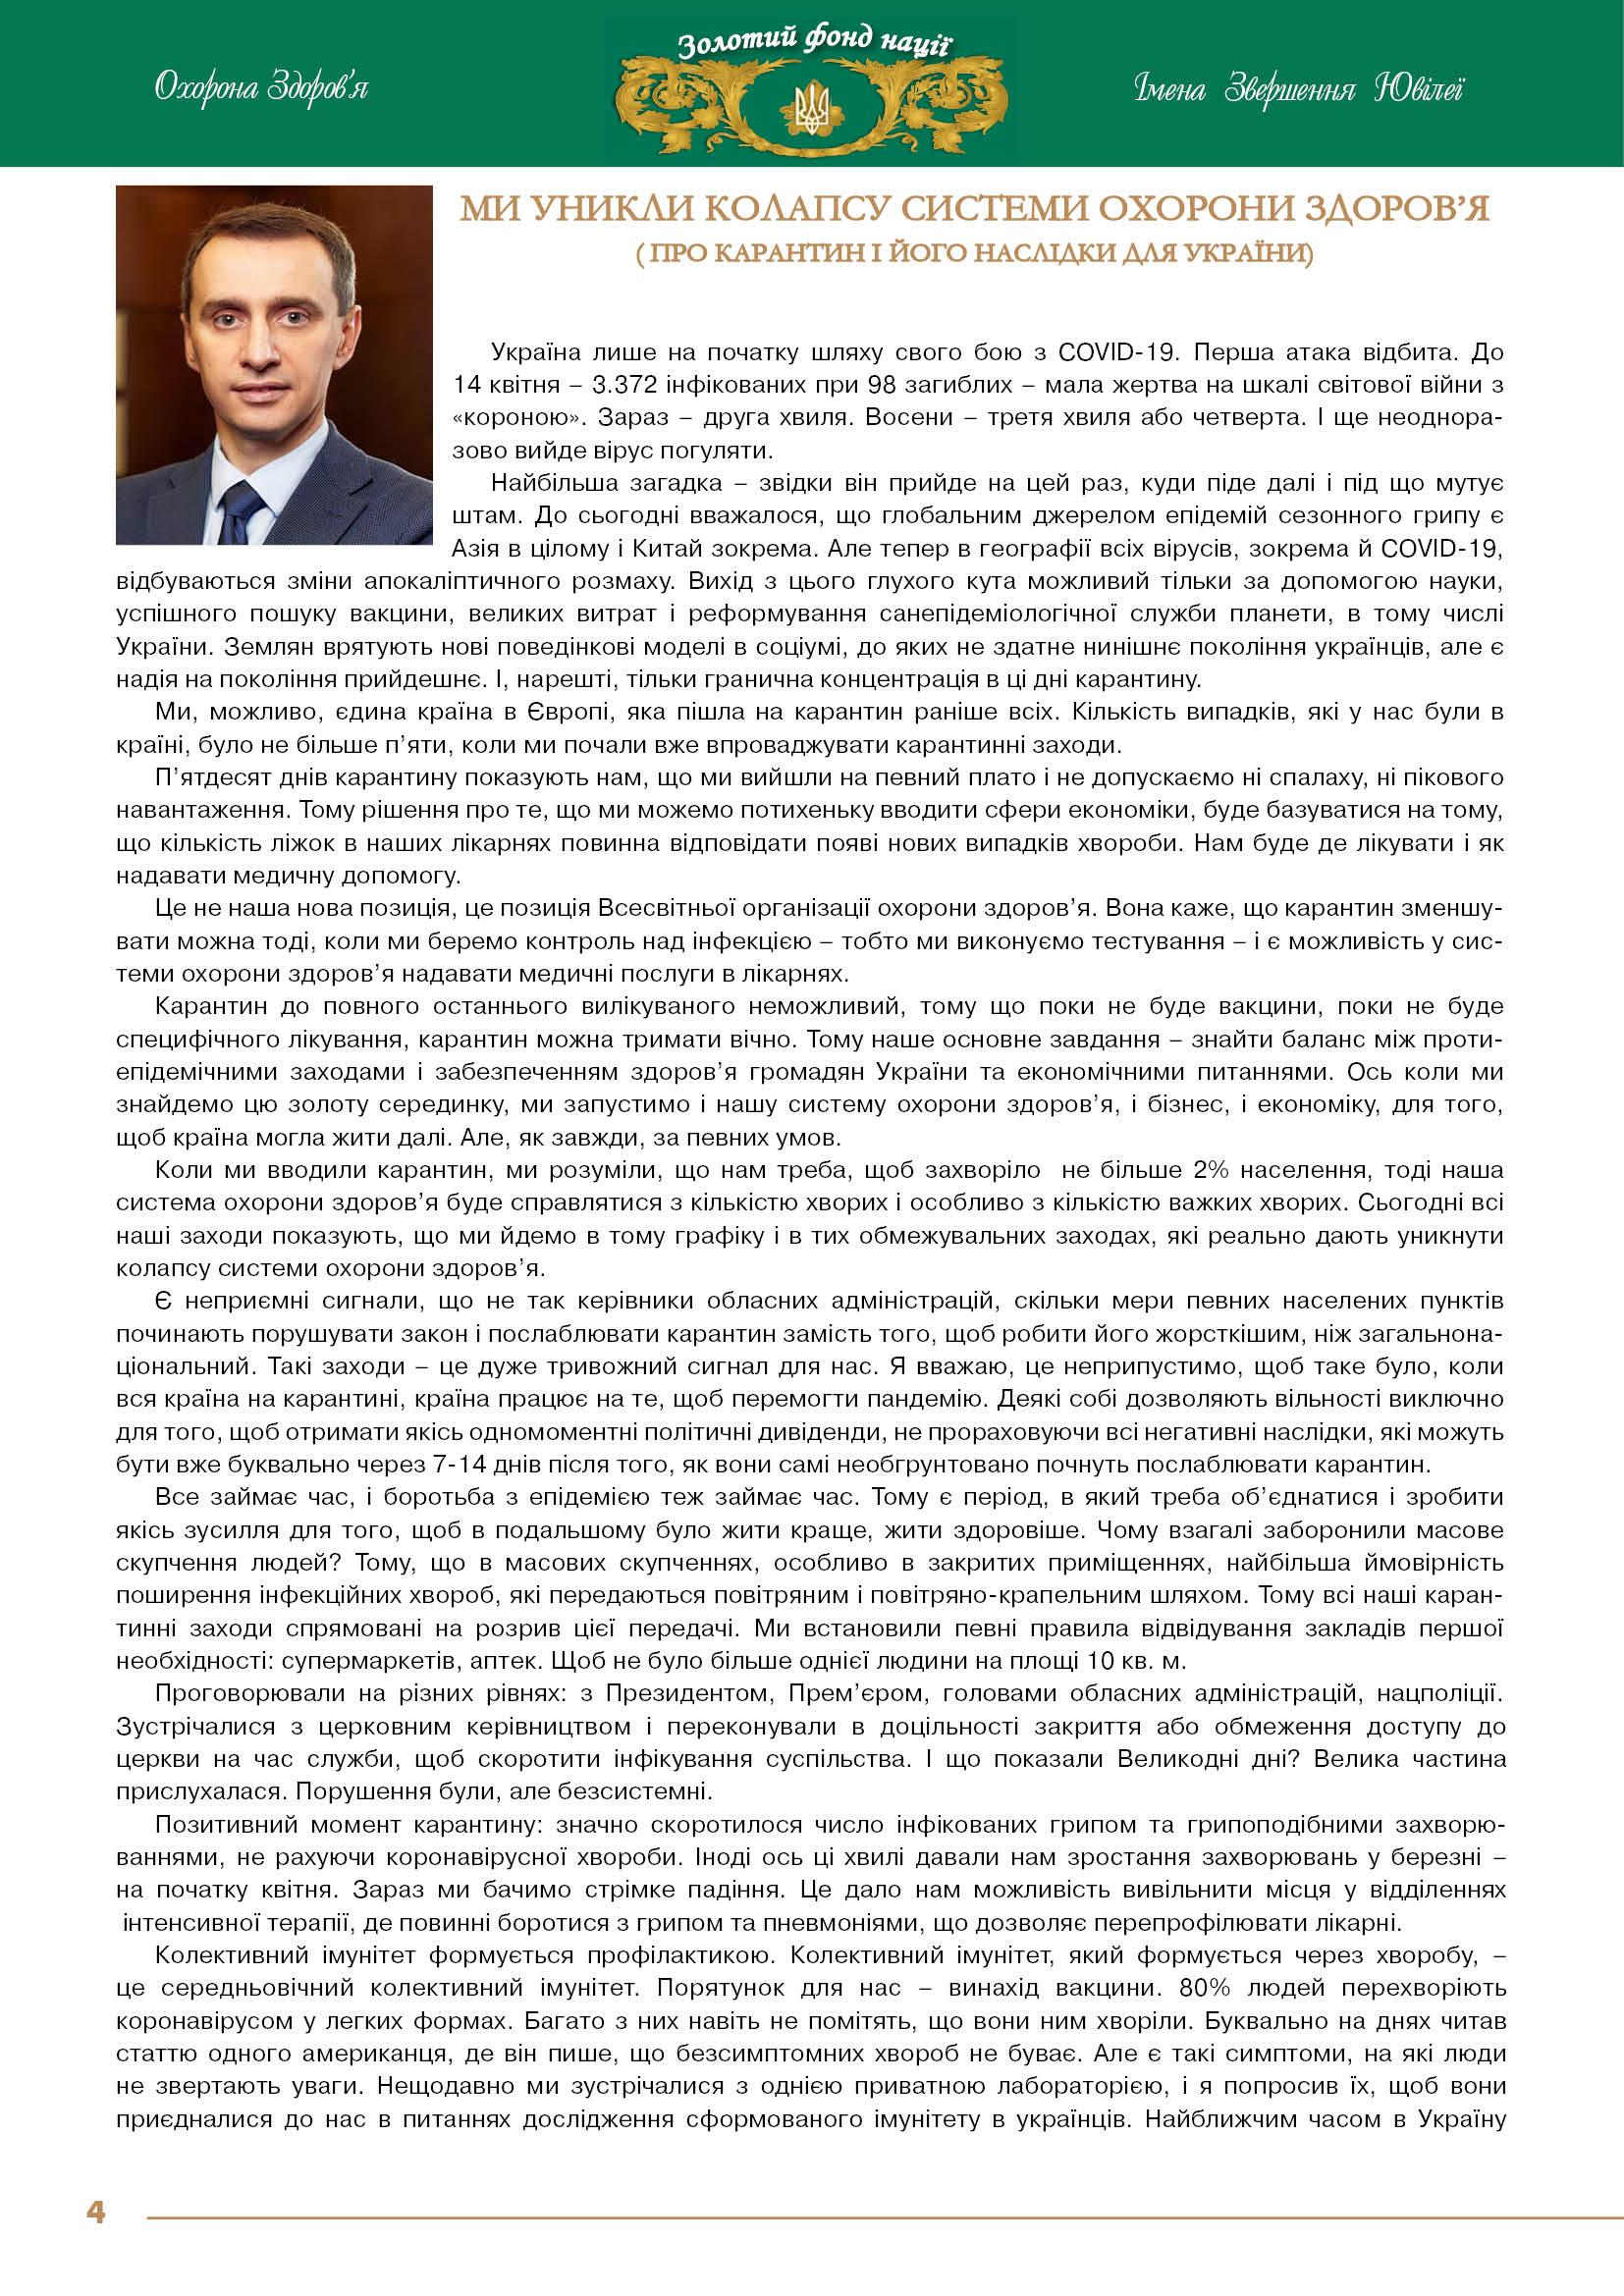 Ми уникли колапсу системи охорони здоров'я ( Про карантин і його наслідки для України)